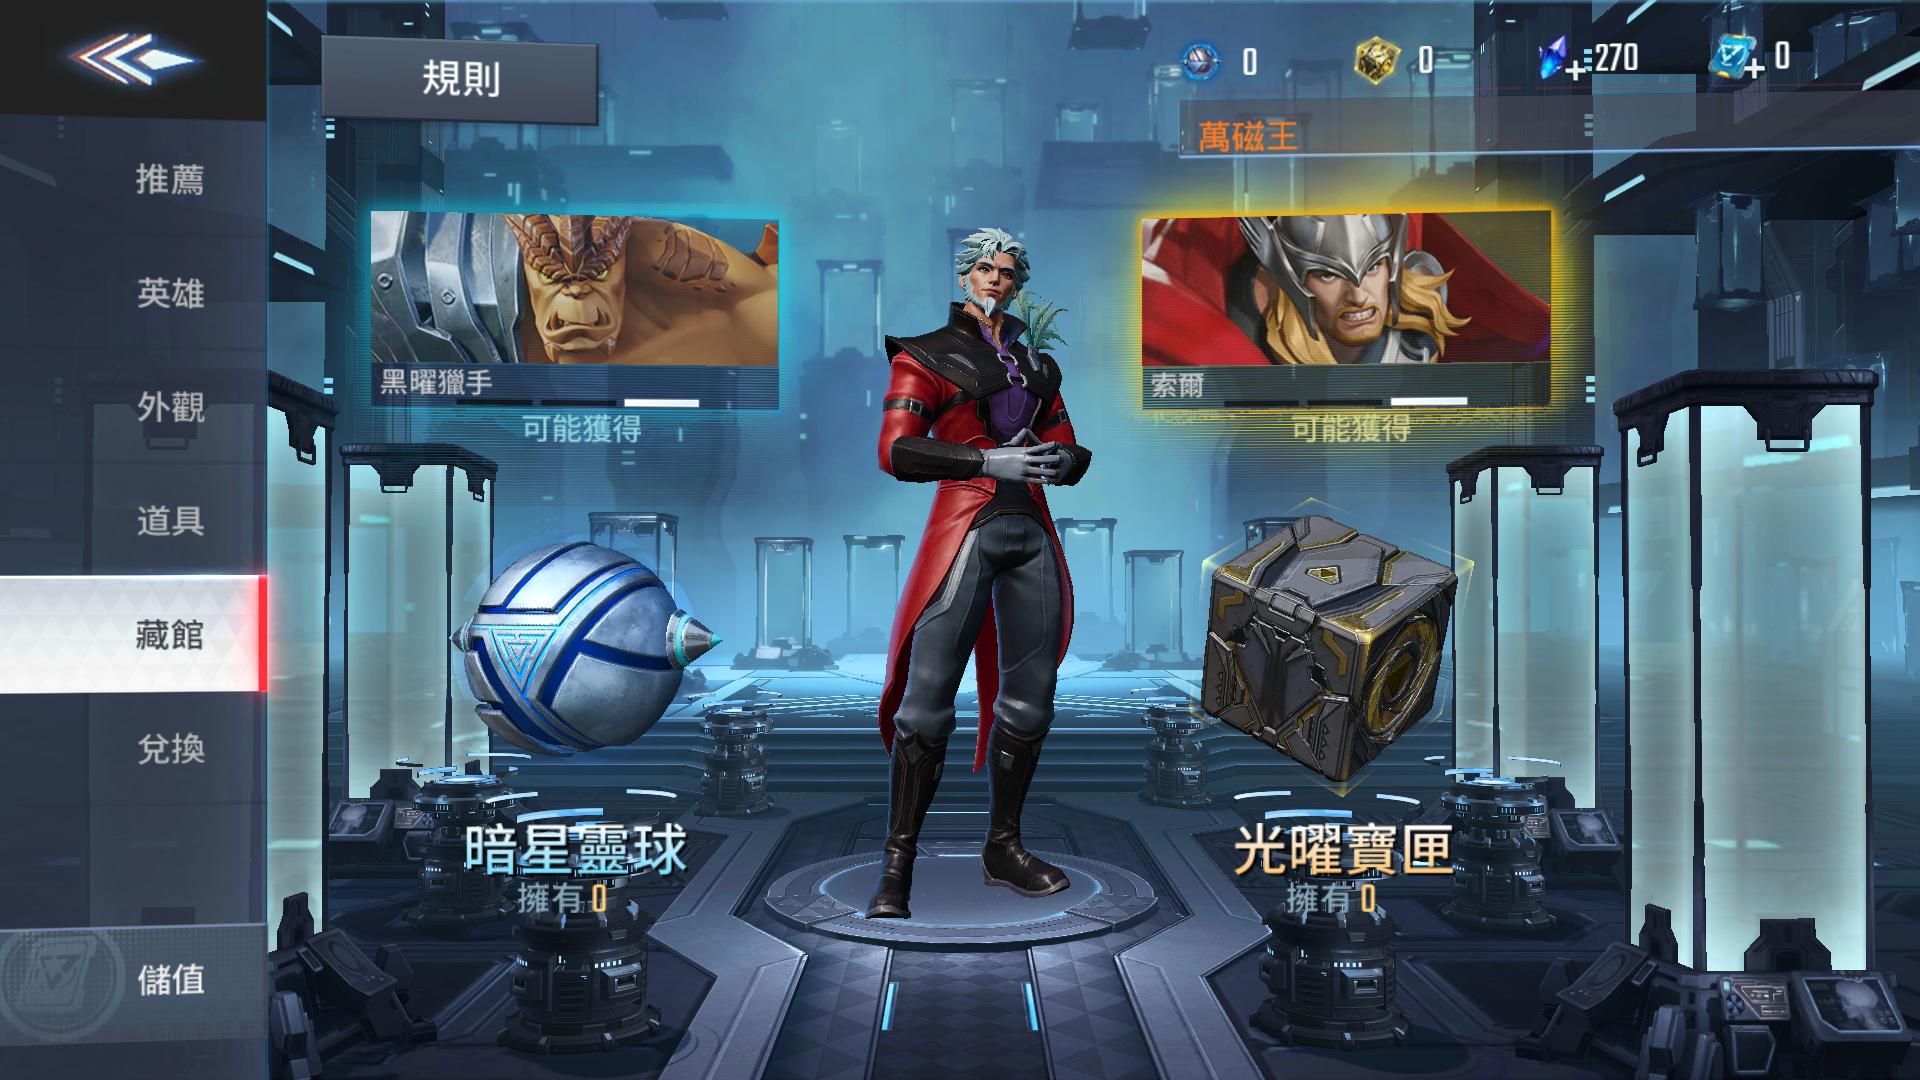 遊戲中的正反派英雄 各有不同的轉蛋抽選